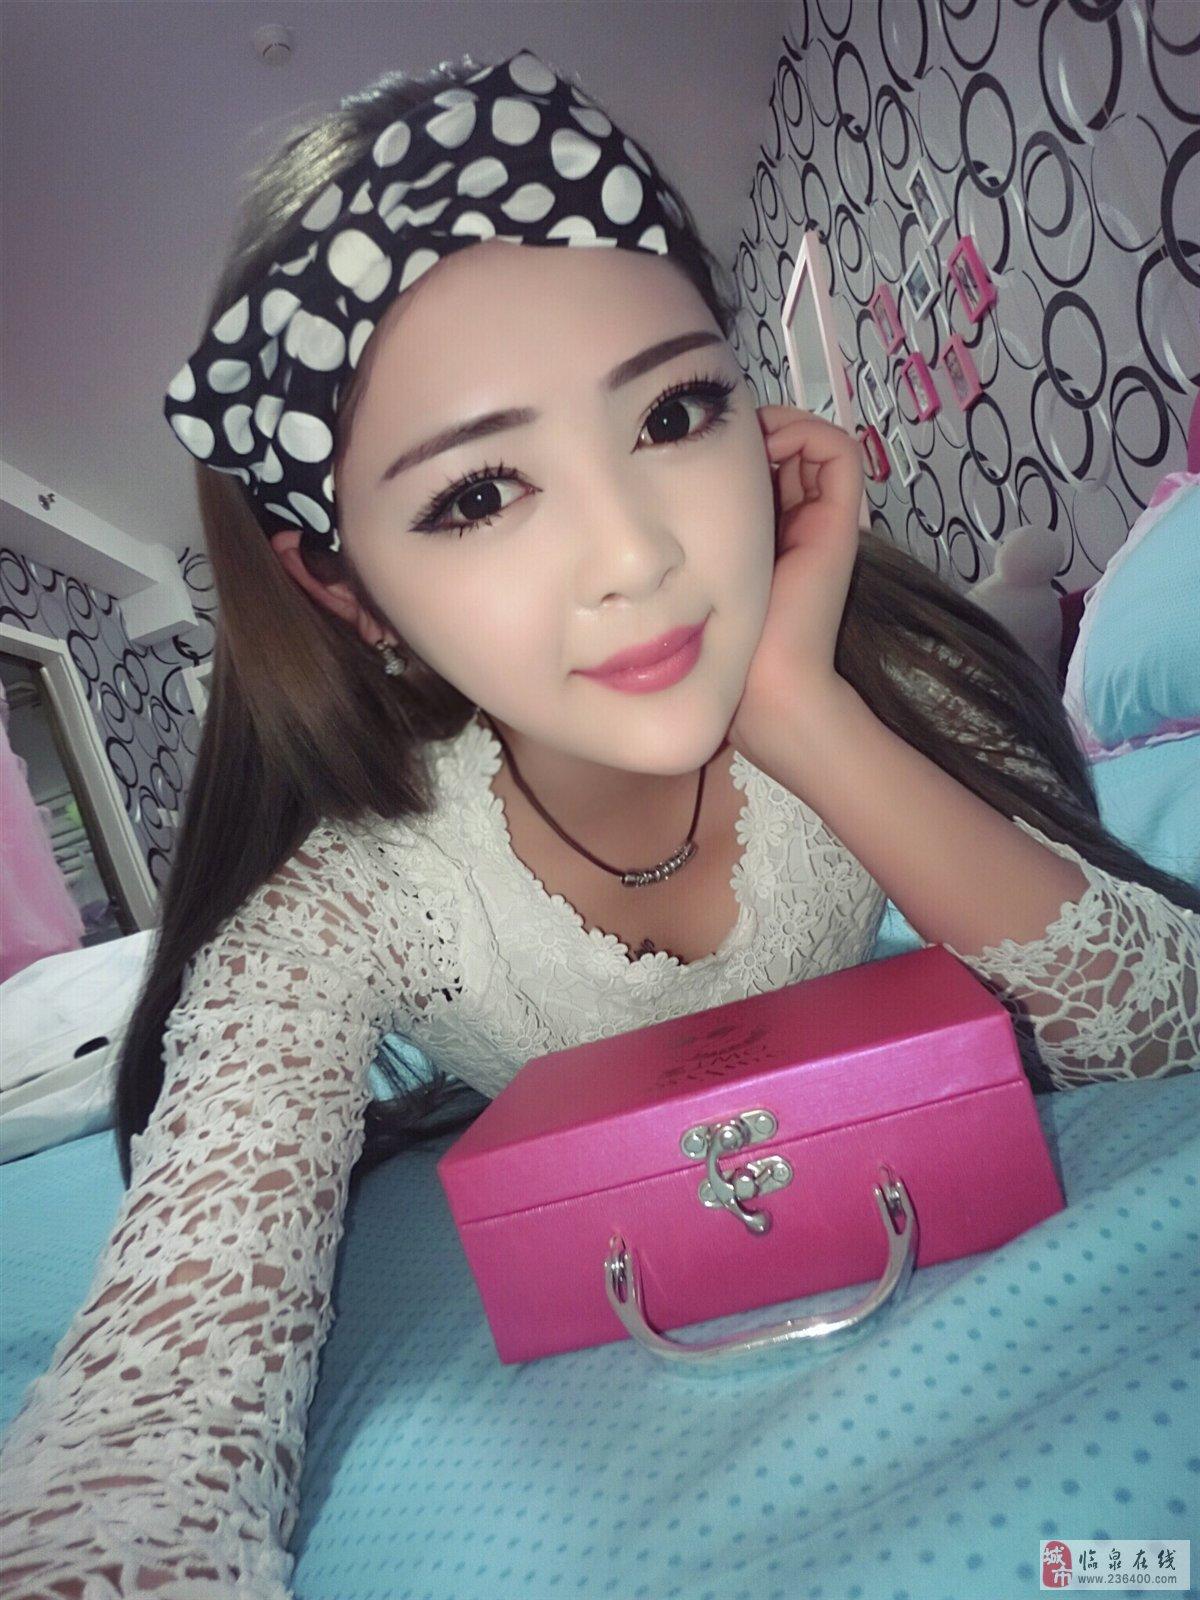 【美女秀场】安玮玮 19岁 金牛座 礼仪模特